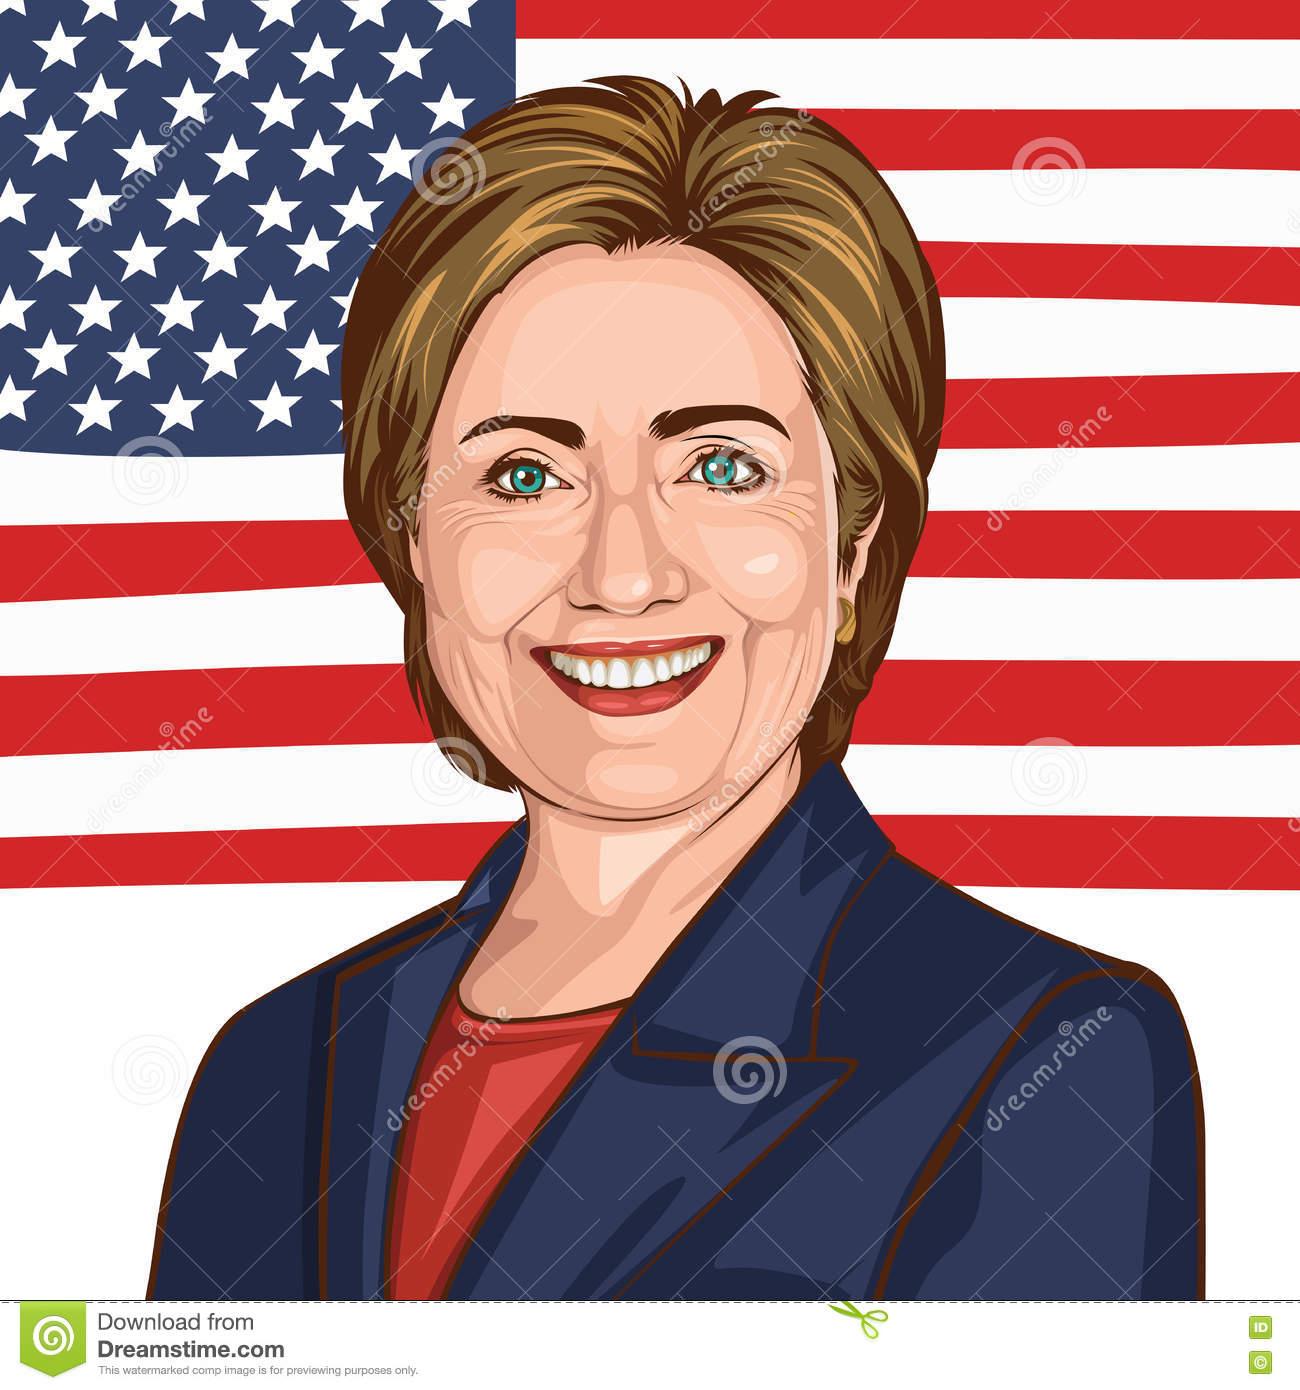 Hillary clinton head clipart.